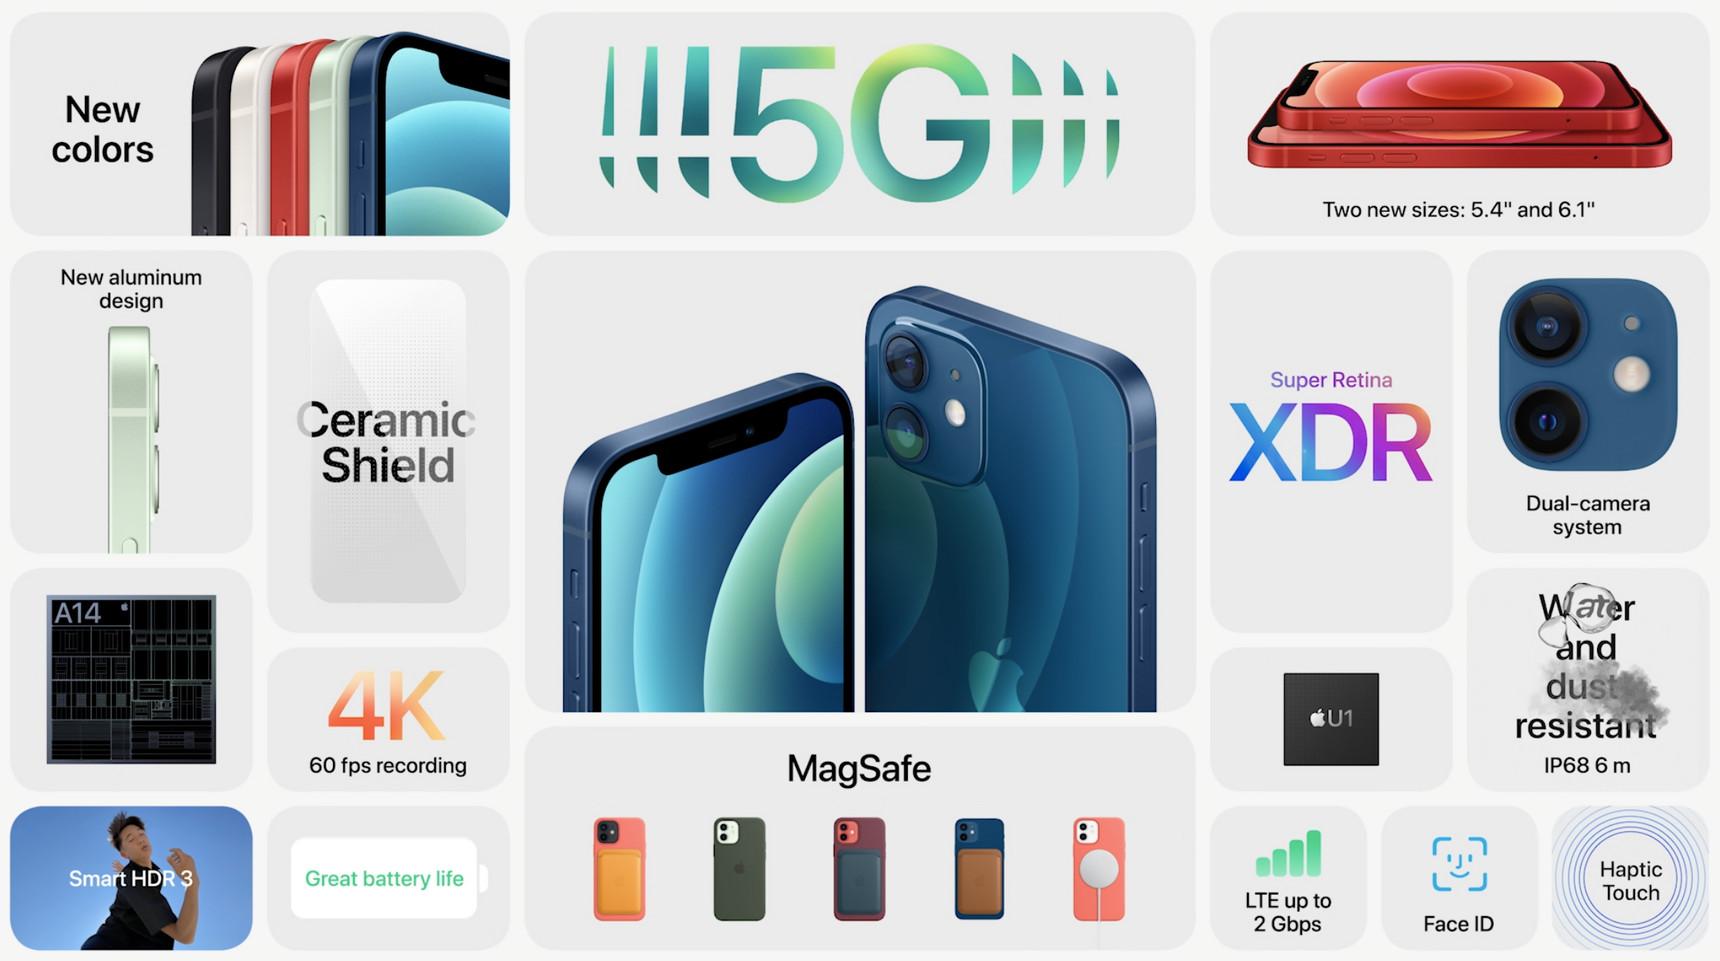 iPhone 12: Ponsel Super Cepat dengan 5G